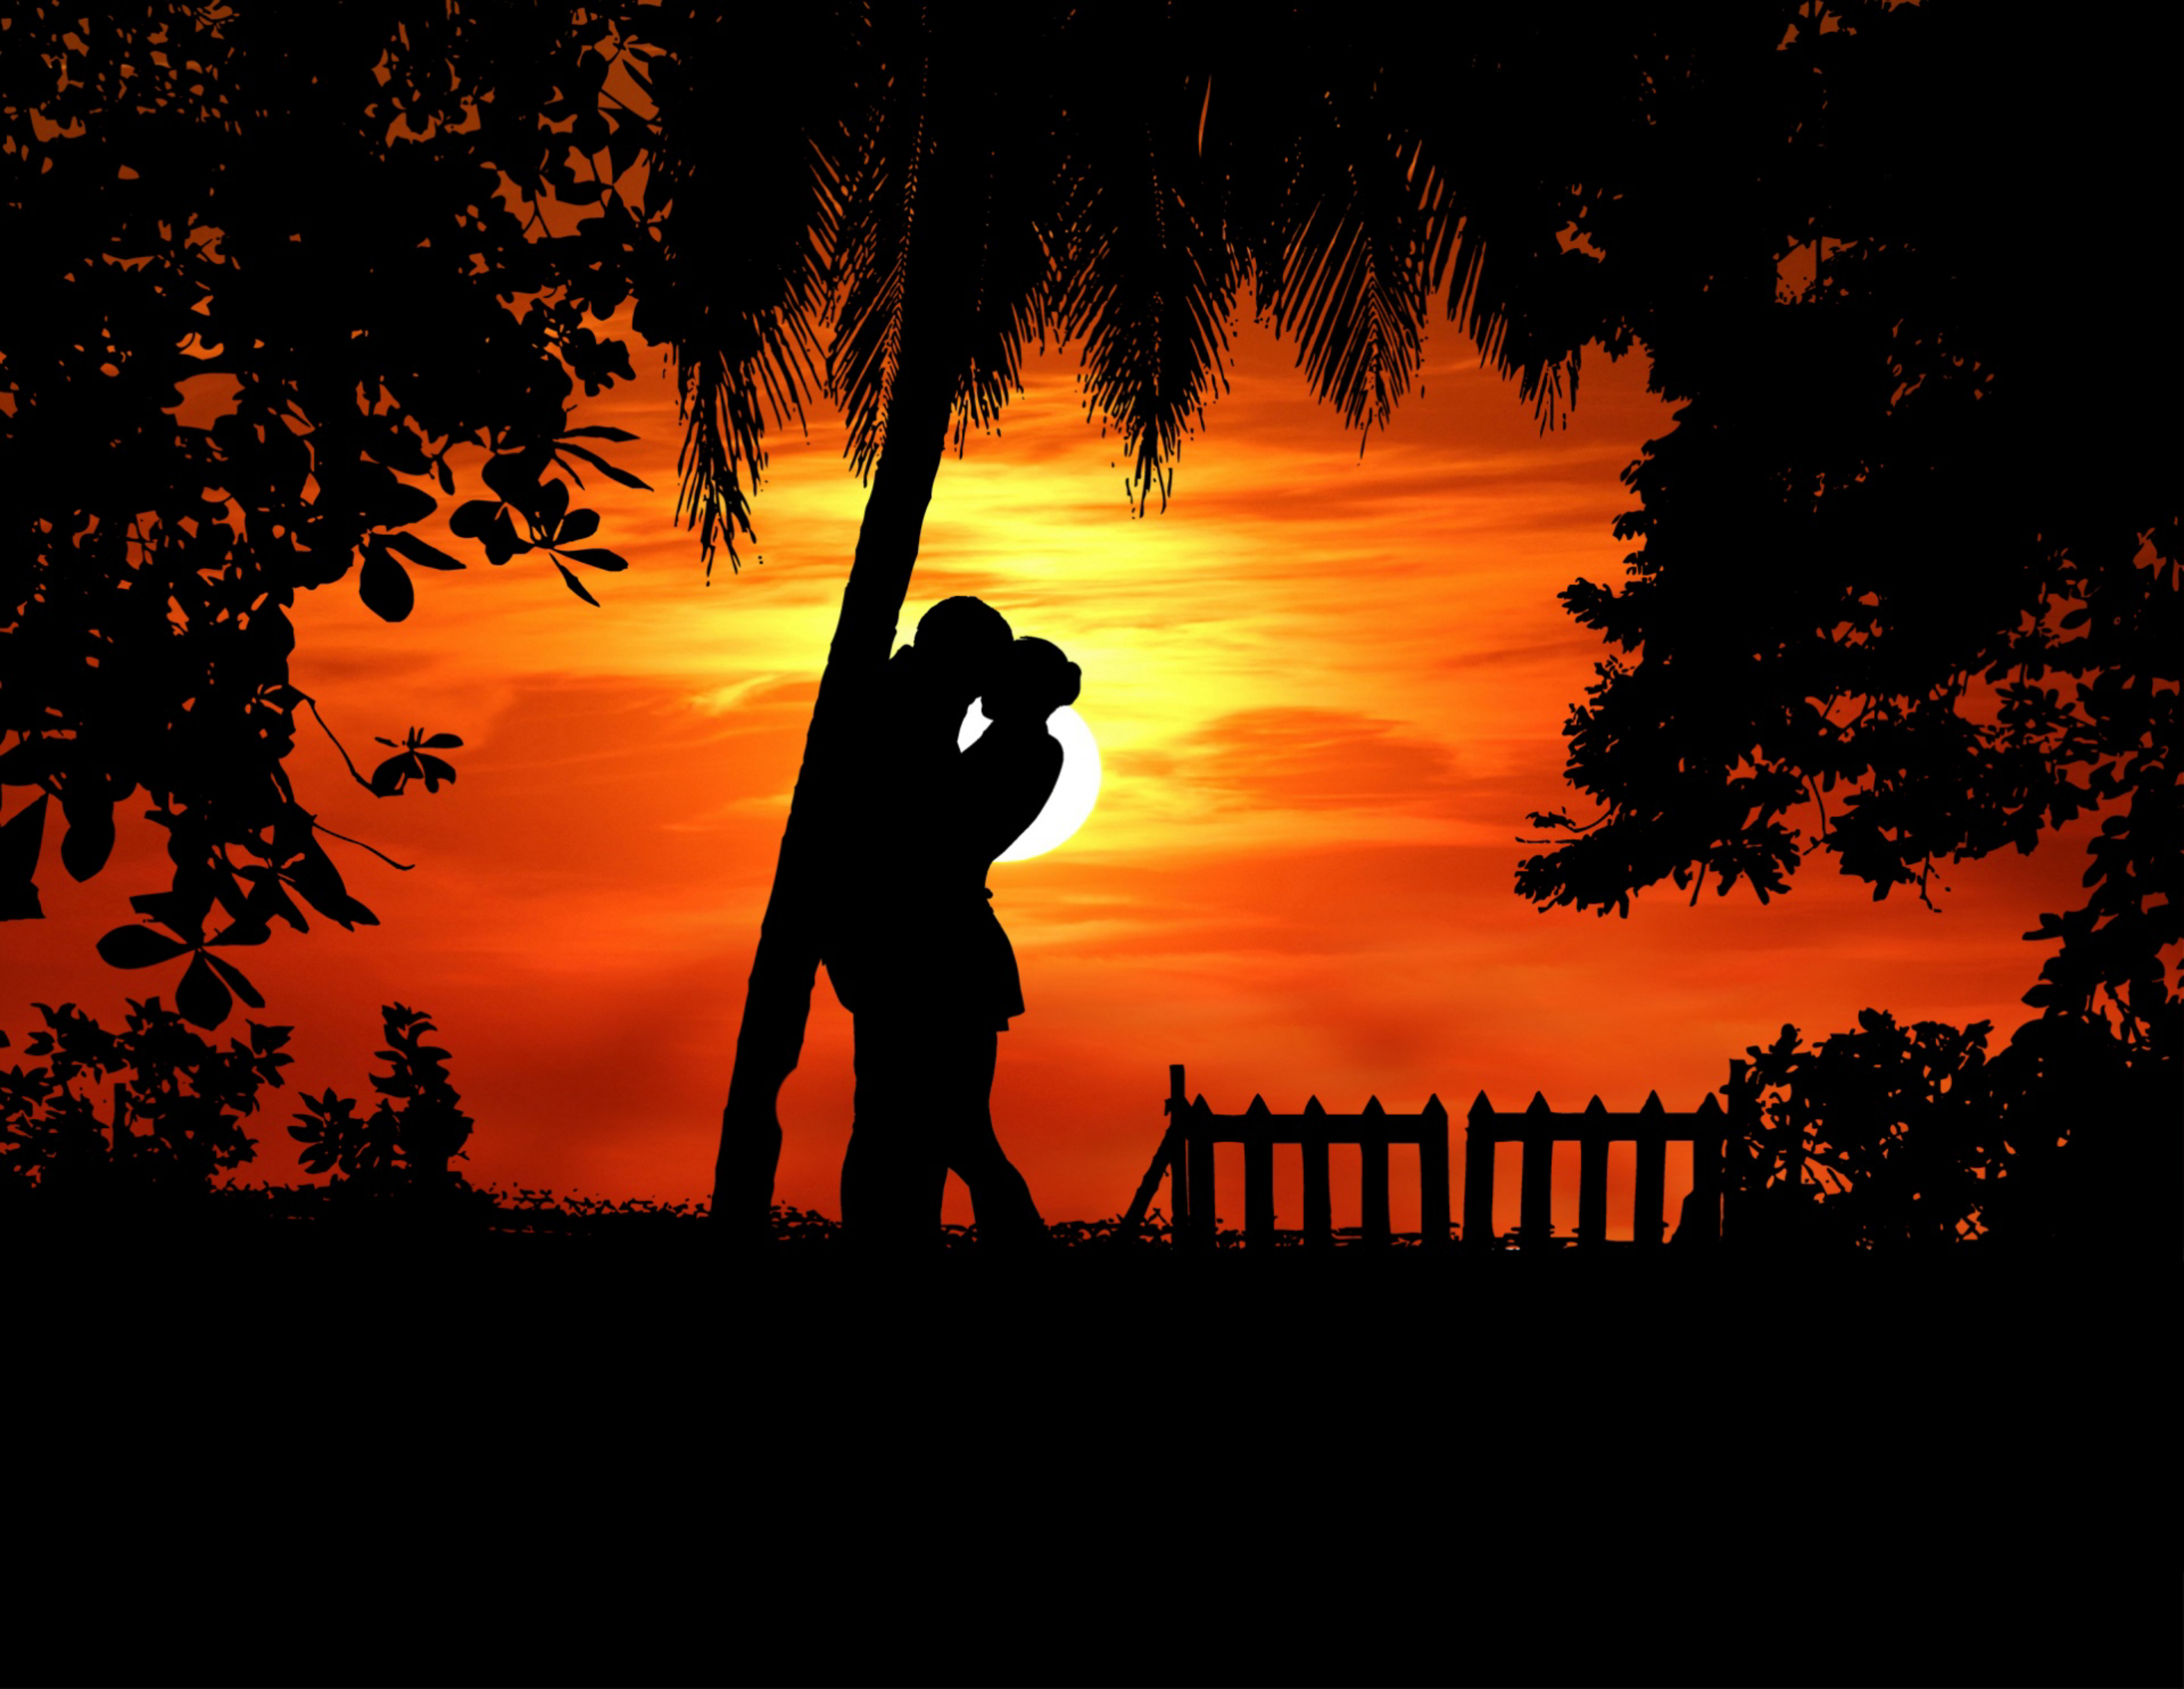 133103 télécharger le fond d'écran Coupler, Paire, Silhouettes, Embrasser, Romance, Amour, Tropiques - économiseurs d'écran et images gratuitement